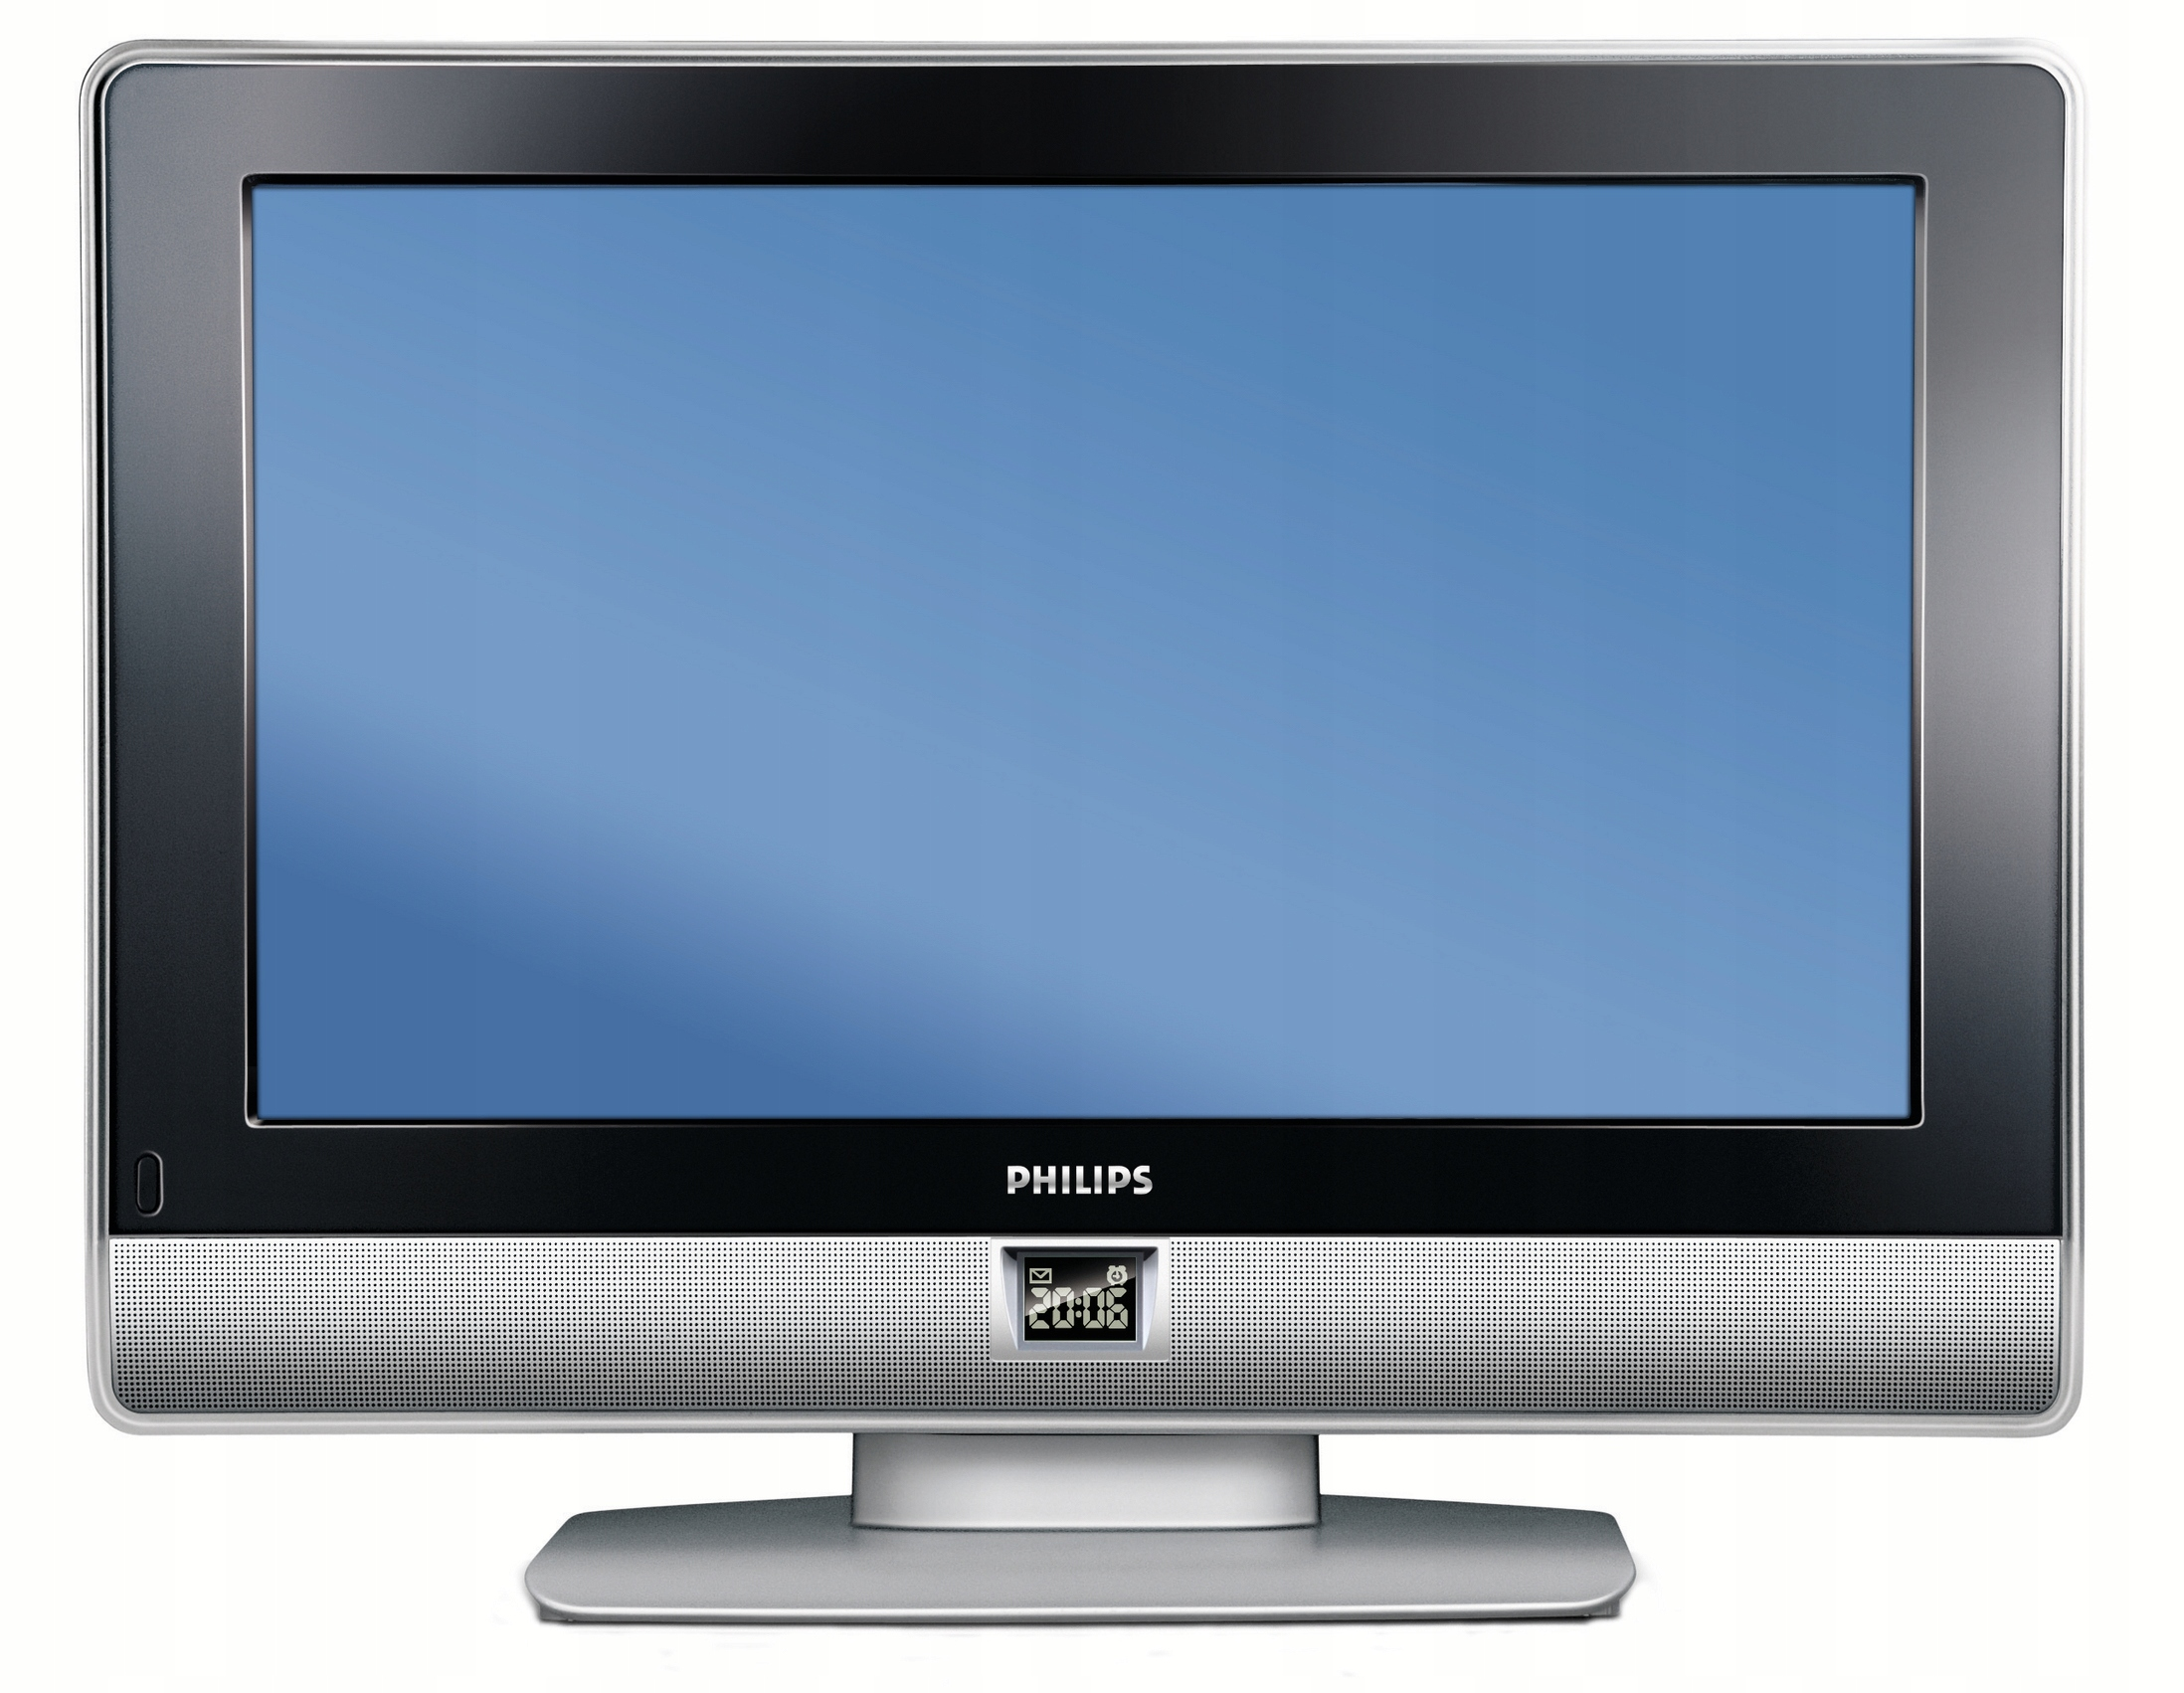 Philips TV 23